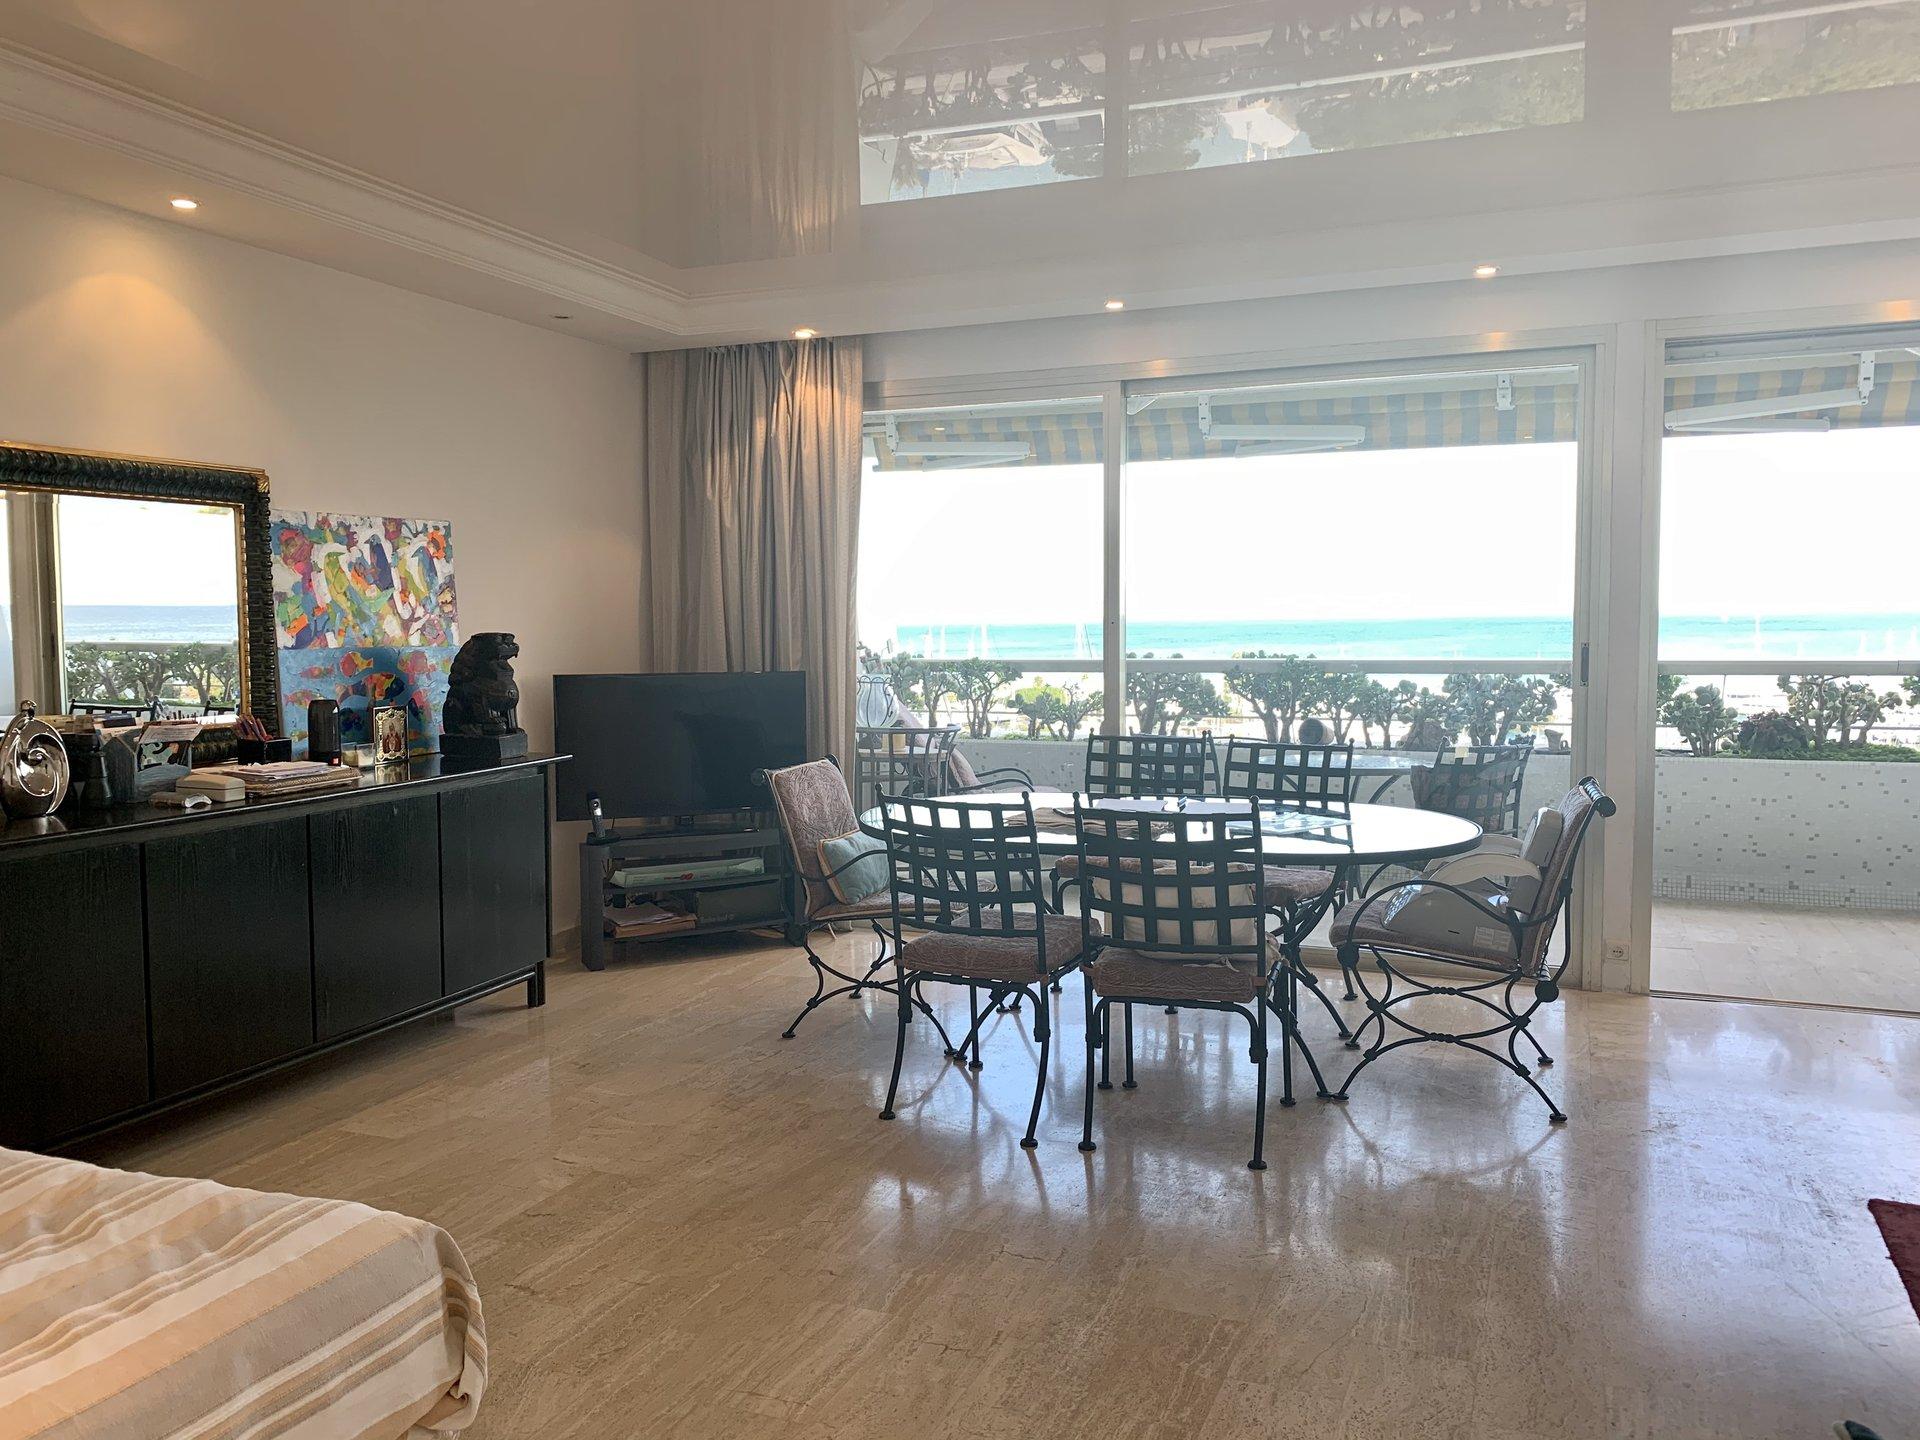 3P meublé avec la terrasse, garage et vue mer, Marina Baie des Anges